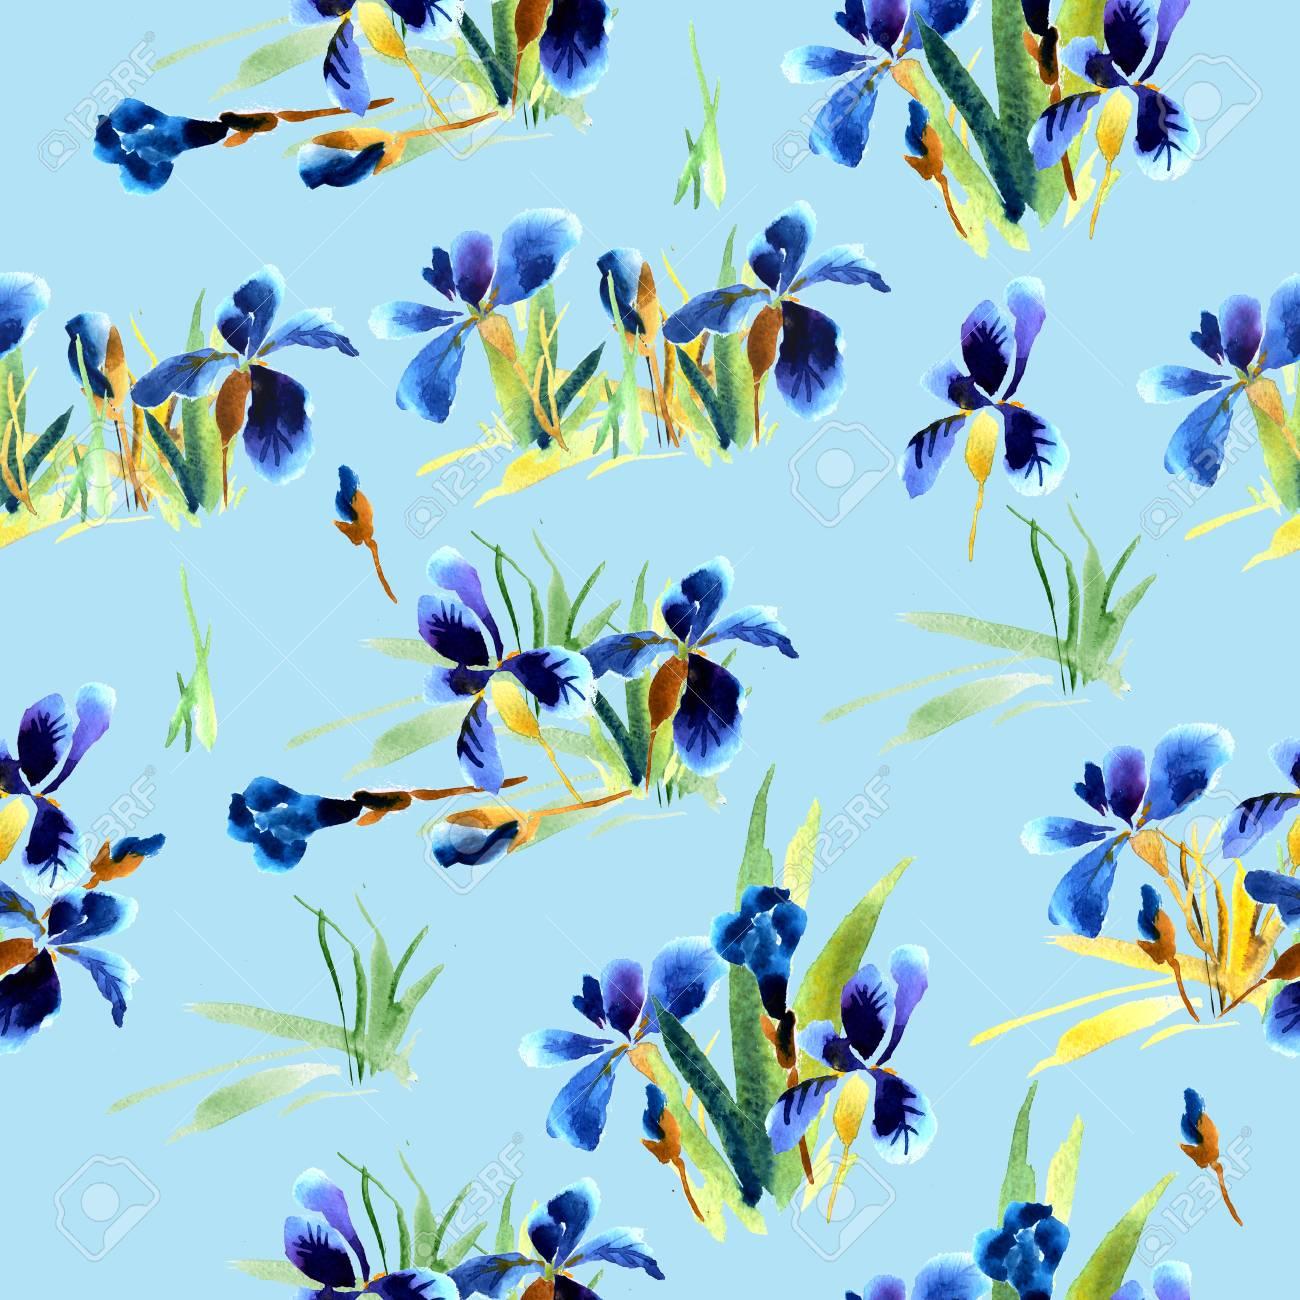 Patron Floral Con Flores Y Hojas De Iris Azul Acuarela De La Mano